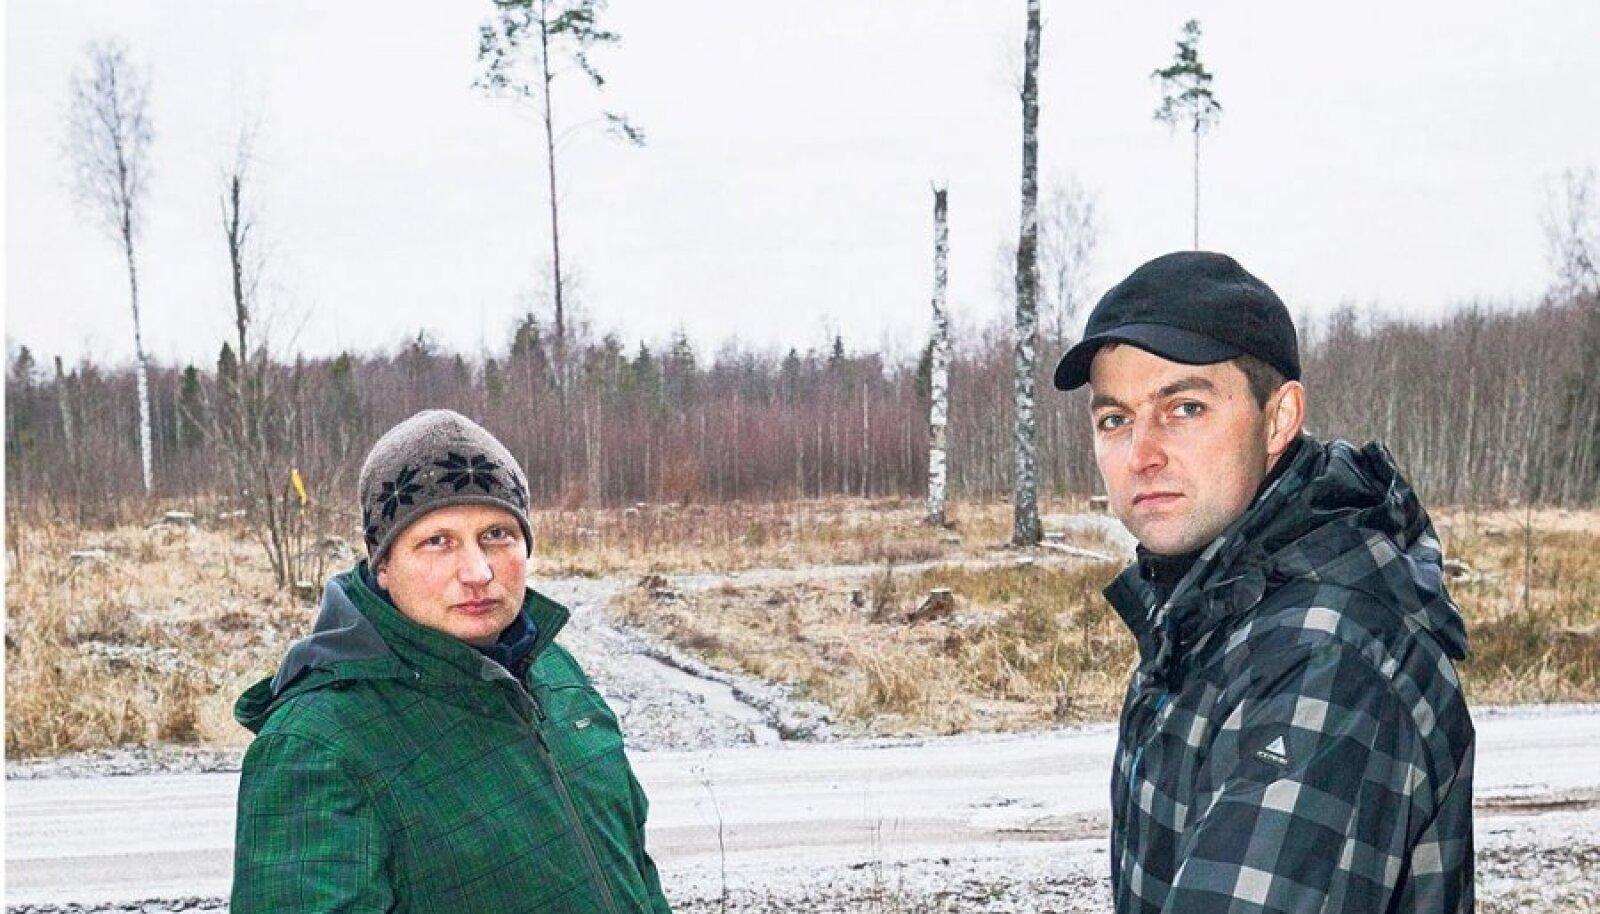 Rägavere volikogu maaelukomisjoni liige Sven Valler (vasakul) ja selle komisjoni juht Raigo Rebane fosforiidiuuringute võimalikus asukohas.